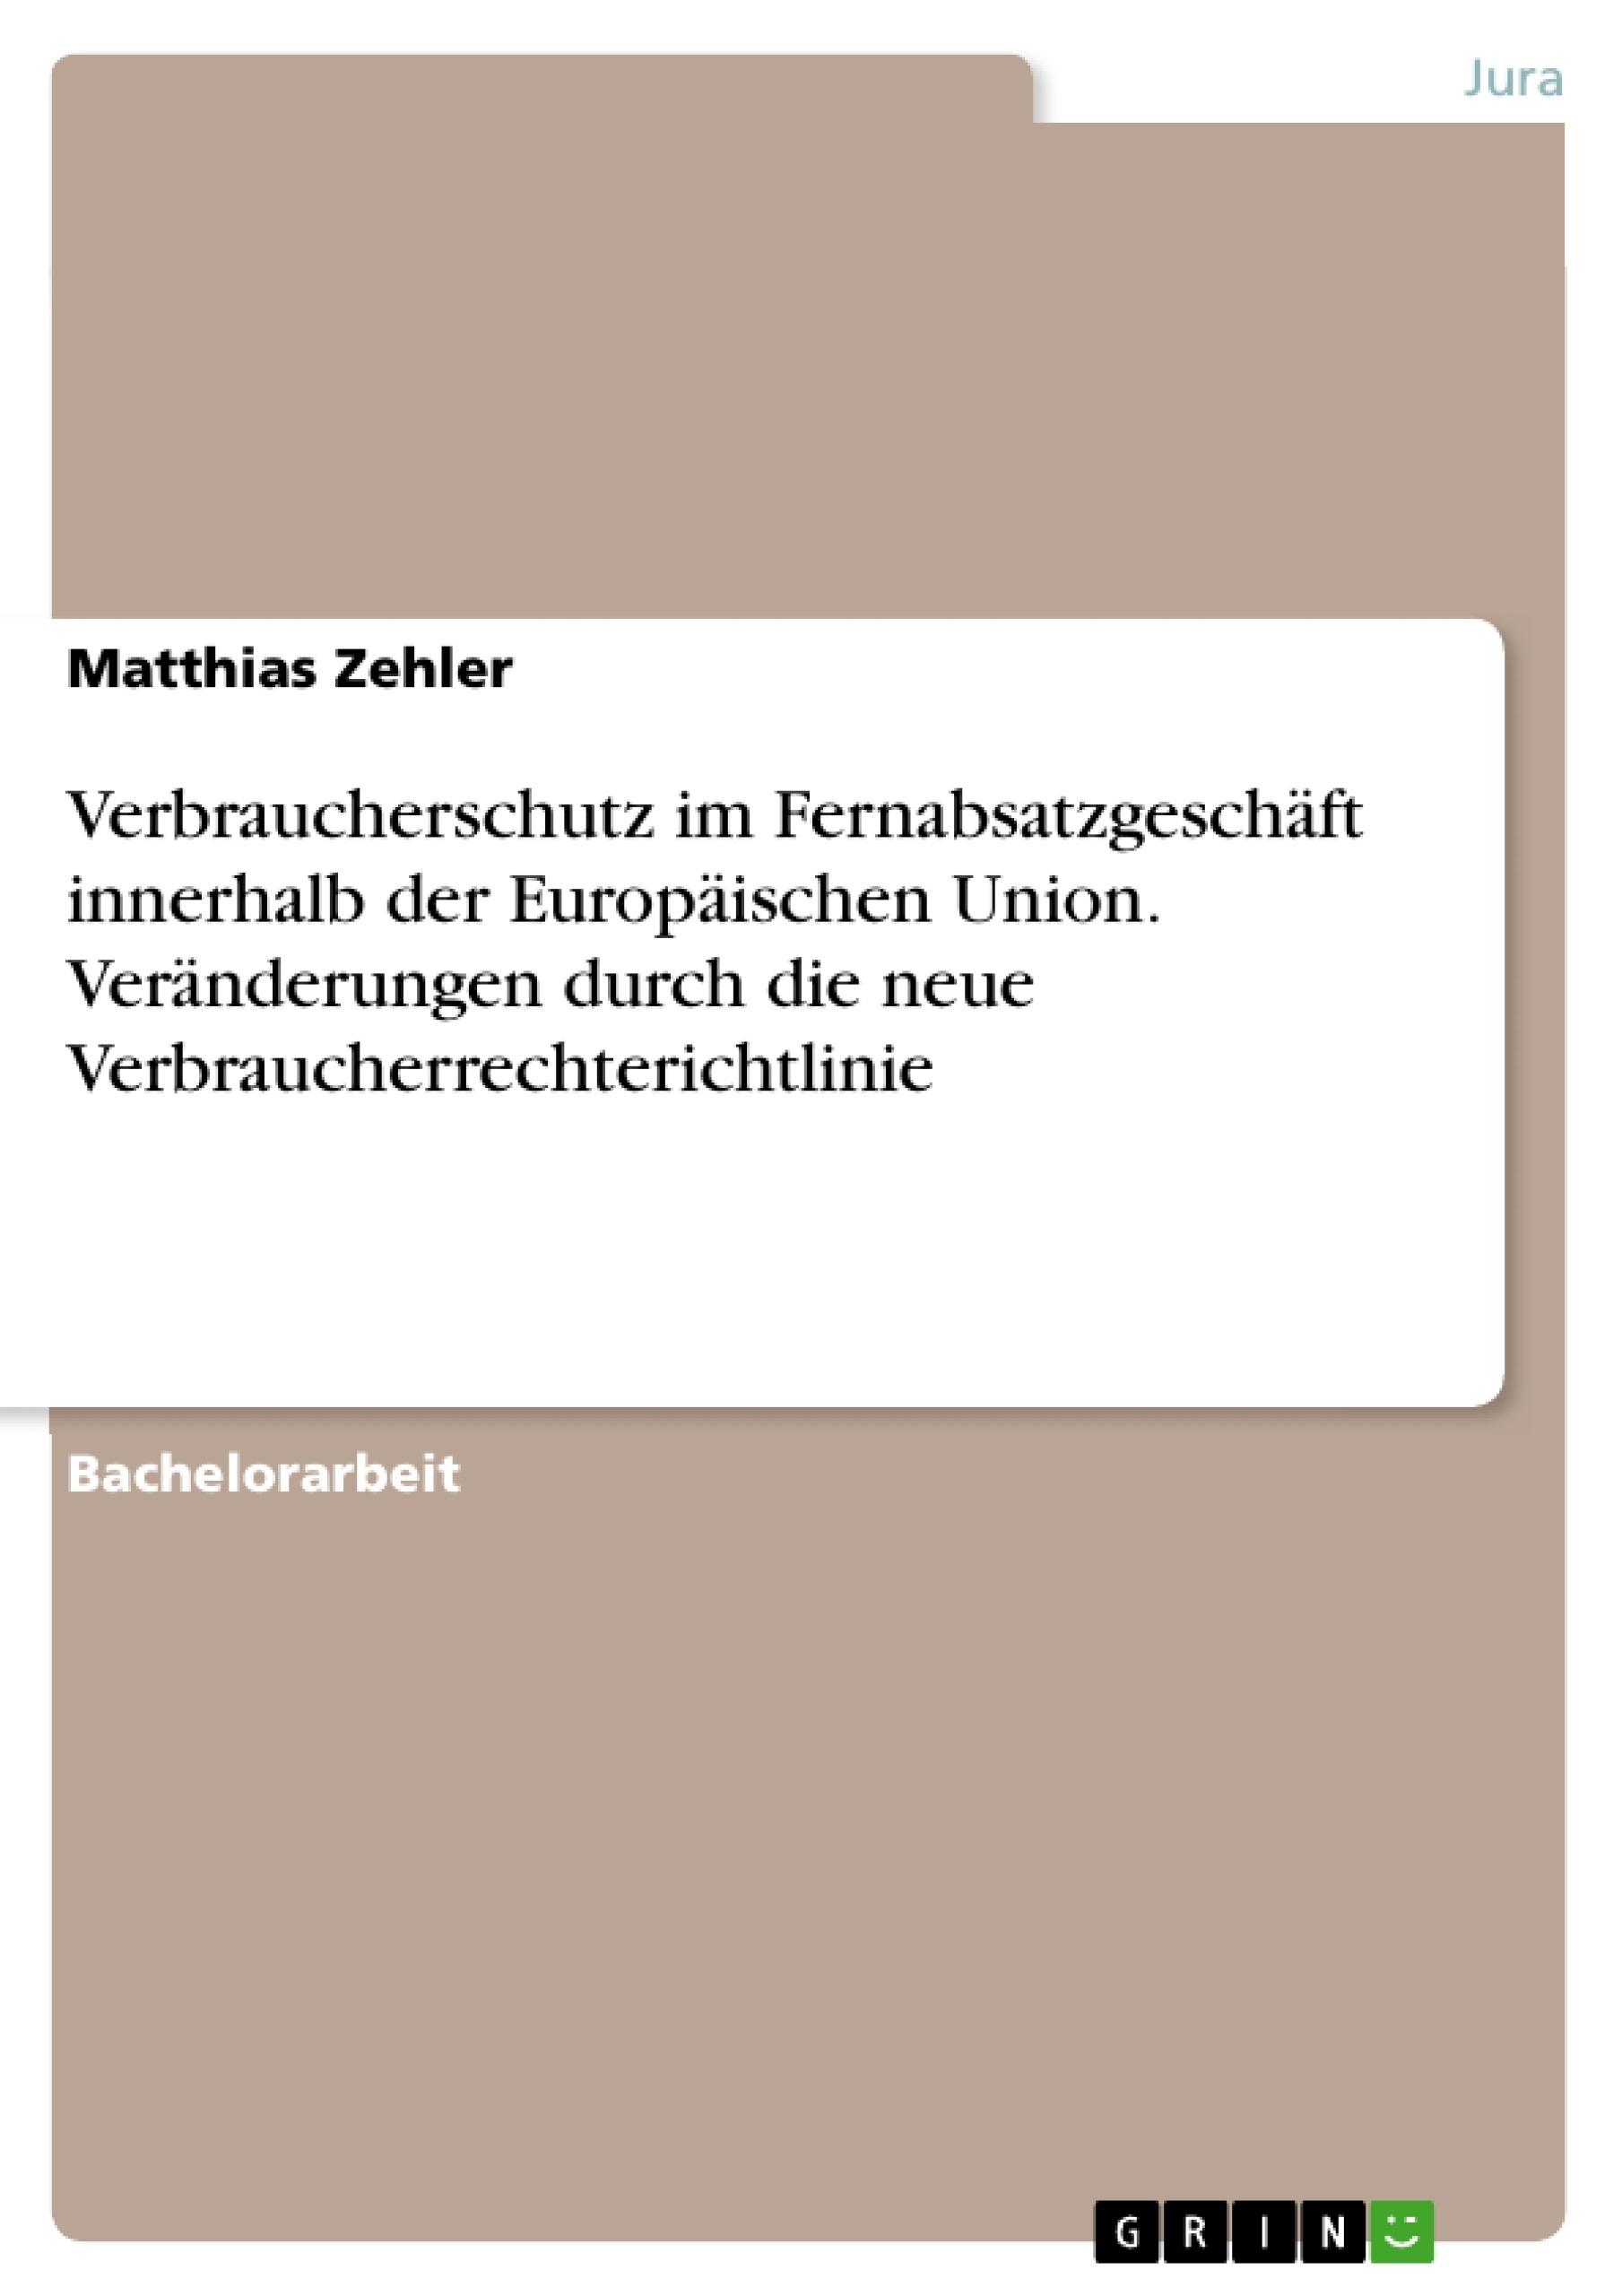 Titel: Verbraucherschutz im Fernabsatzgeschäft innerhalb der Europäischen Union. Veränderungen durch die neue Verbraucherrechterichtlinie